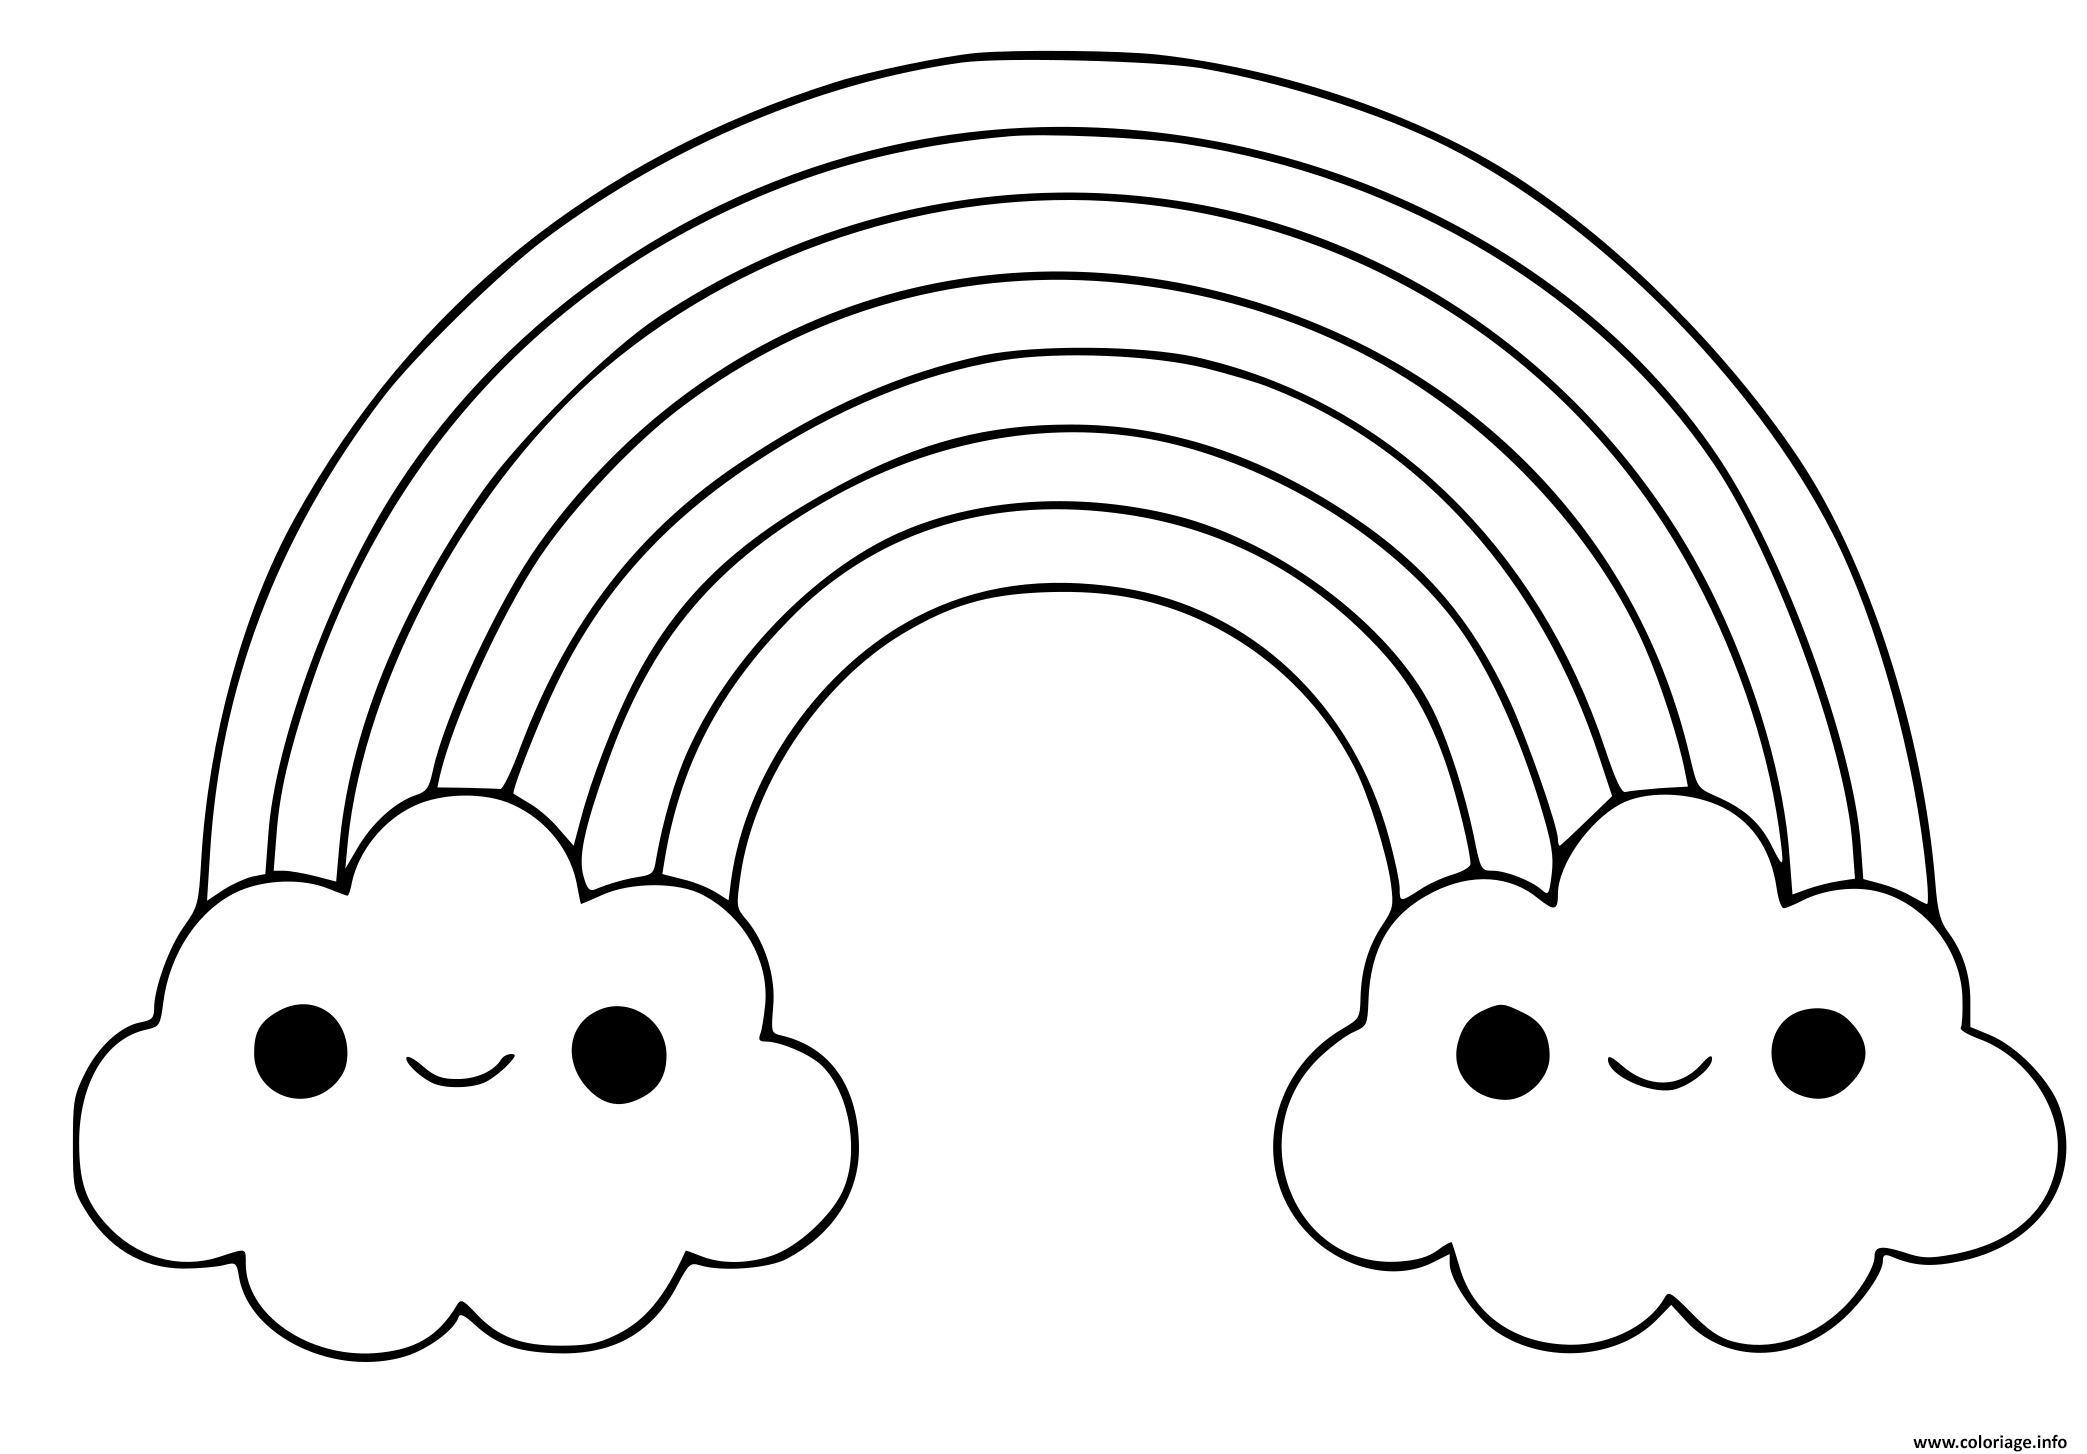 Dessin arc en ciel avec nuages Coloriage Gratuit à Imprimer